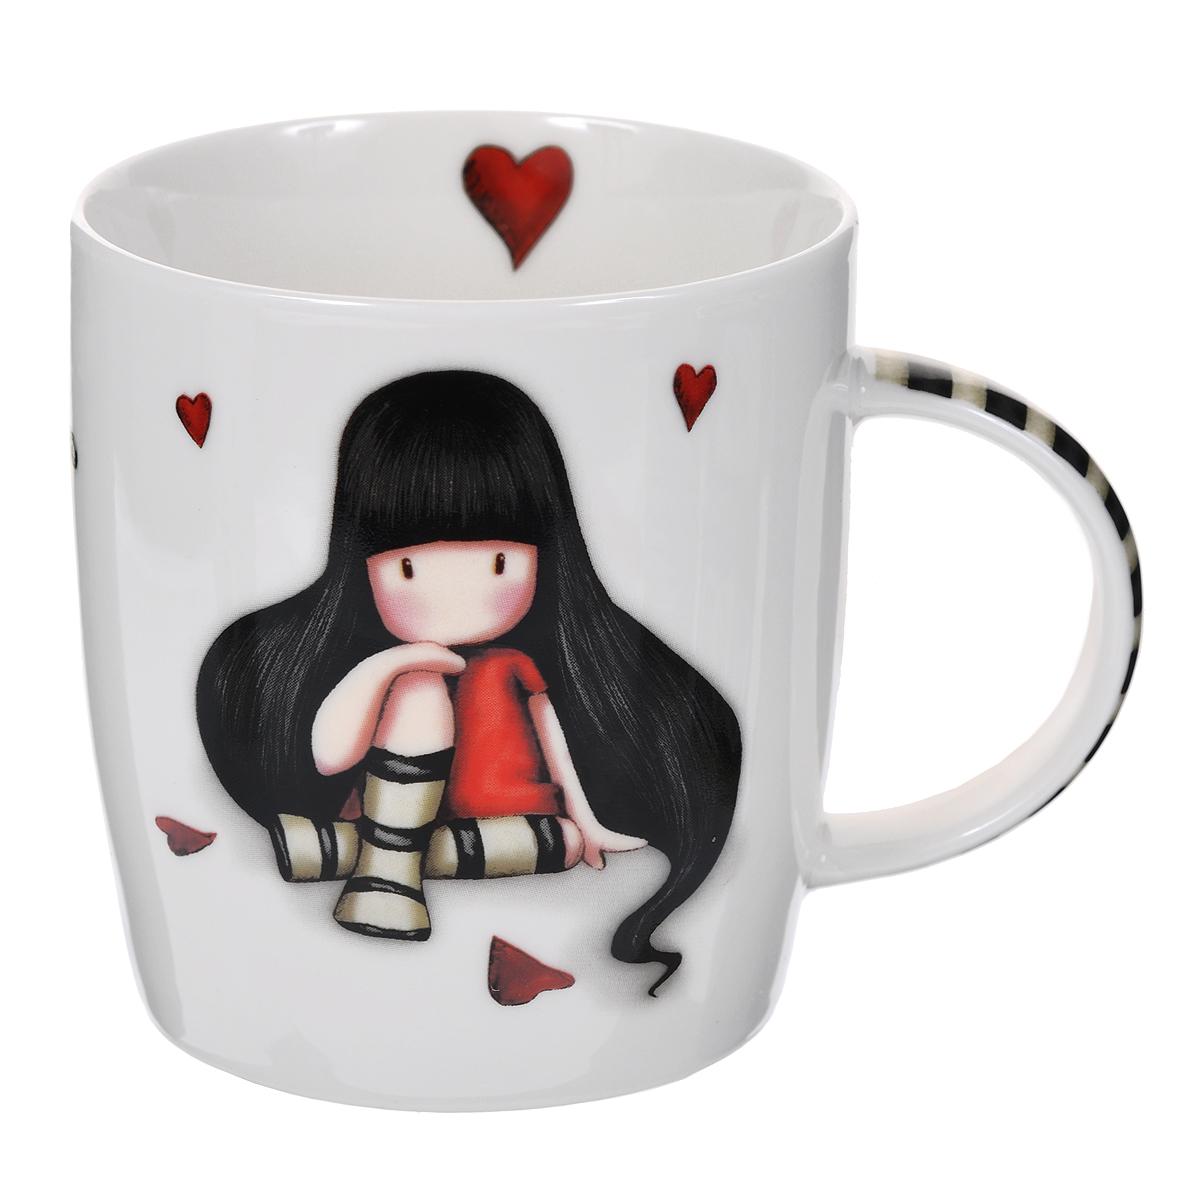 Кружка The Collector, цвет: черный, белый. 005413005413Кружка The Collector из фарфора послужит отличным сувениром для любительниц чая, какао и горячего шоколада. Кружка оформлена принтами с изображением очаровательной девочки и имеет симпатичный рисунок на внутренней стенке. Кружка упакована в фирменную подарочную коробку. Подходит для использования в посудомоечной машине и микроволновке.